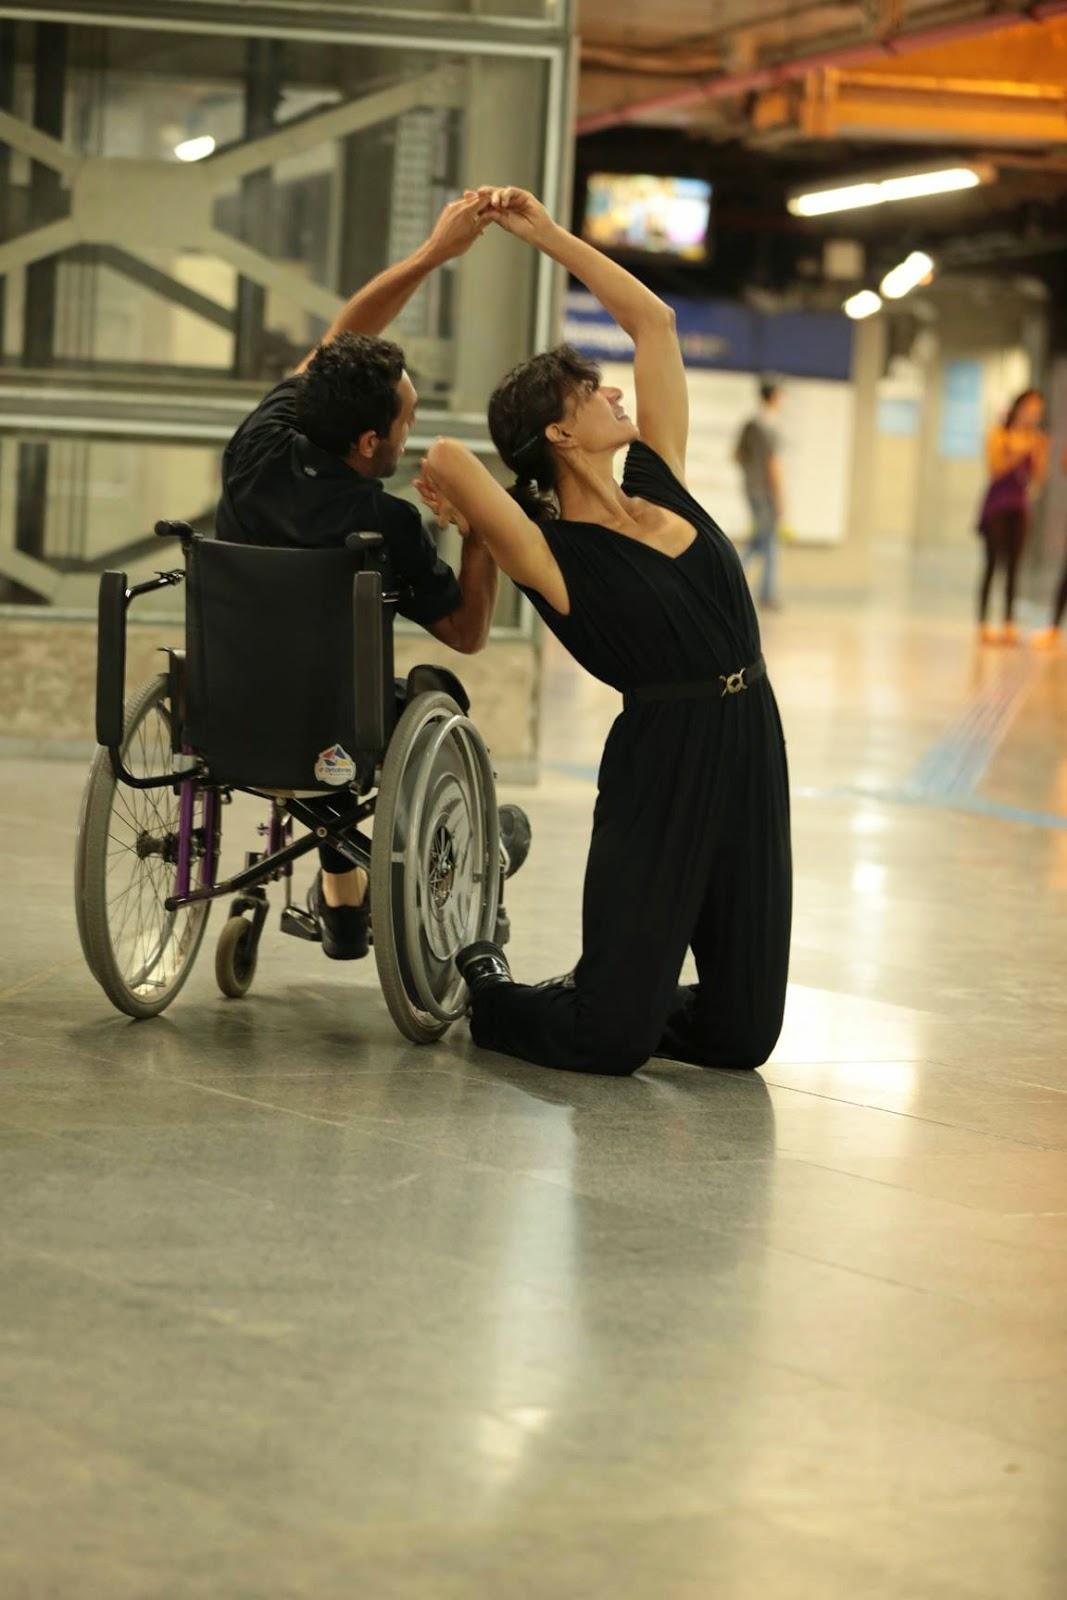 Descrição da Foto: Dois intérpretes vestidos de preto dançam na plataforma do metrô. Um deles está numa cadeira-de-rodas. A outra está ajoelhada, rosto voltado para cima, de costas para o cadeirante. Estão de mãos dadas.  Pessoas passam, elevador no fundo.